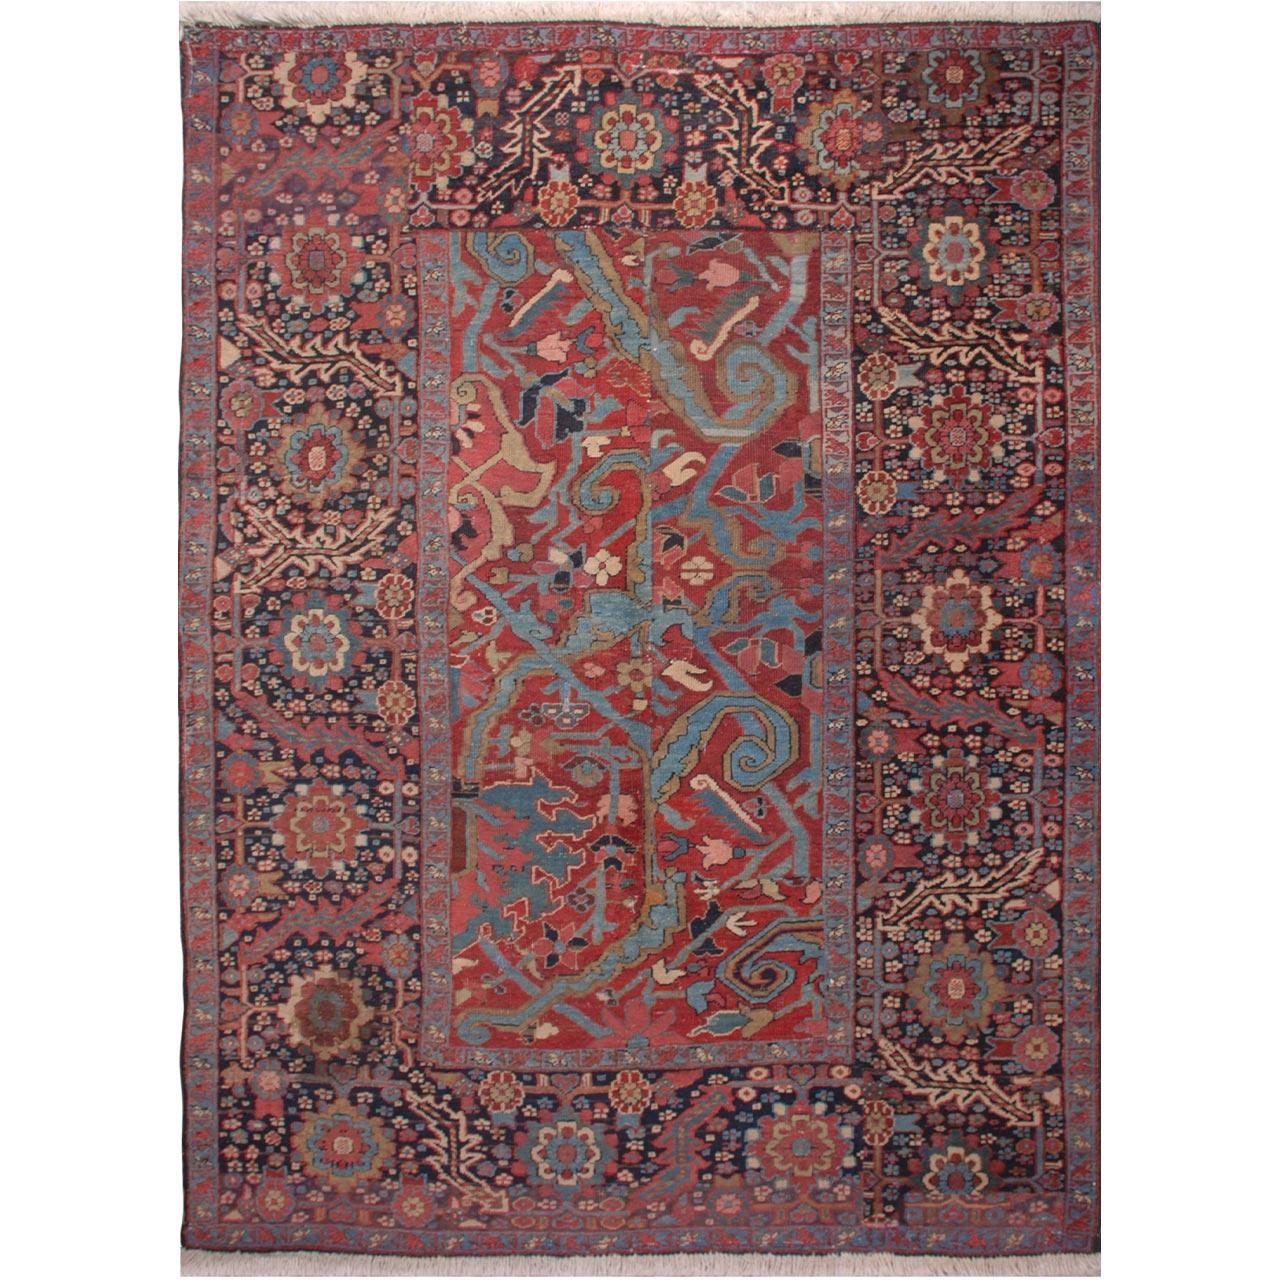 فرش دستبافت قدیمی دو و نیم متری فرش هريس کد 101468